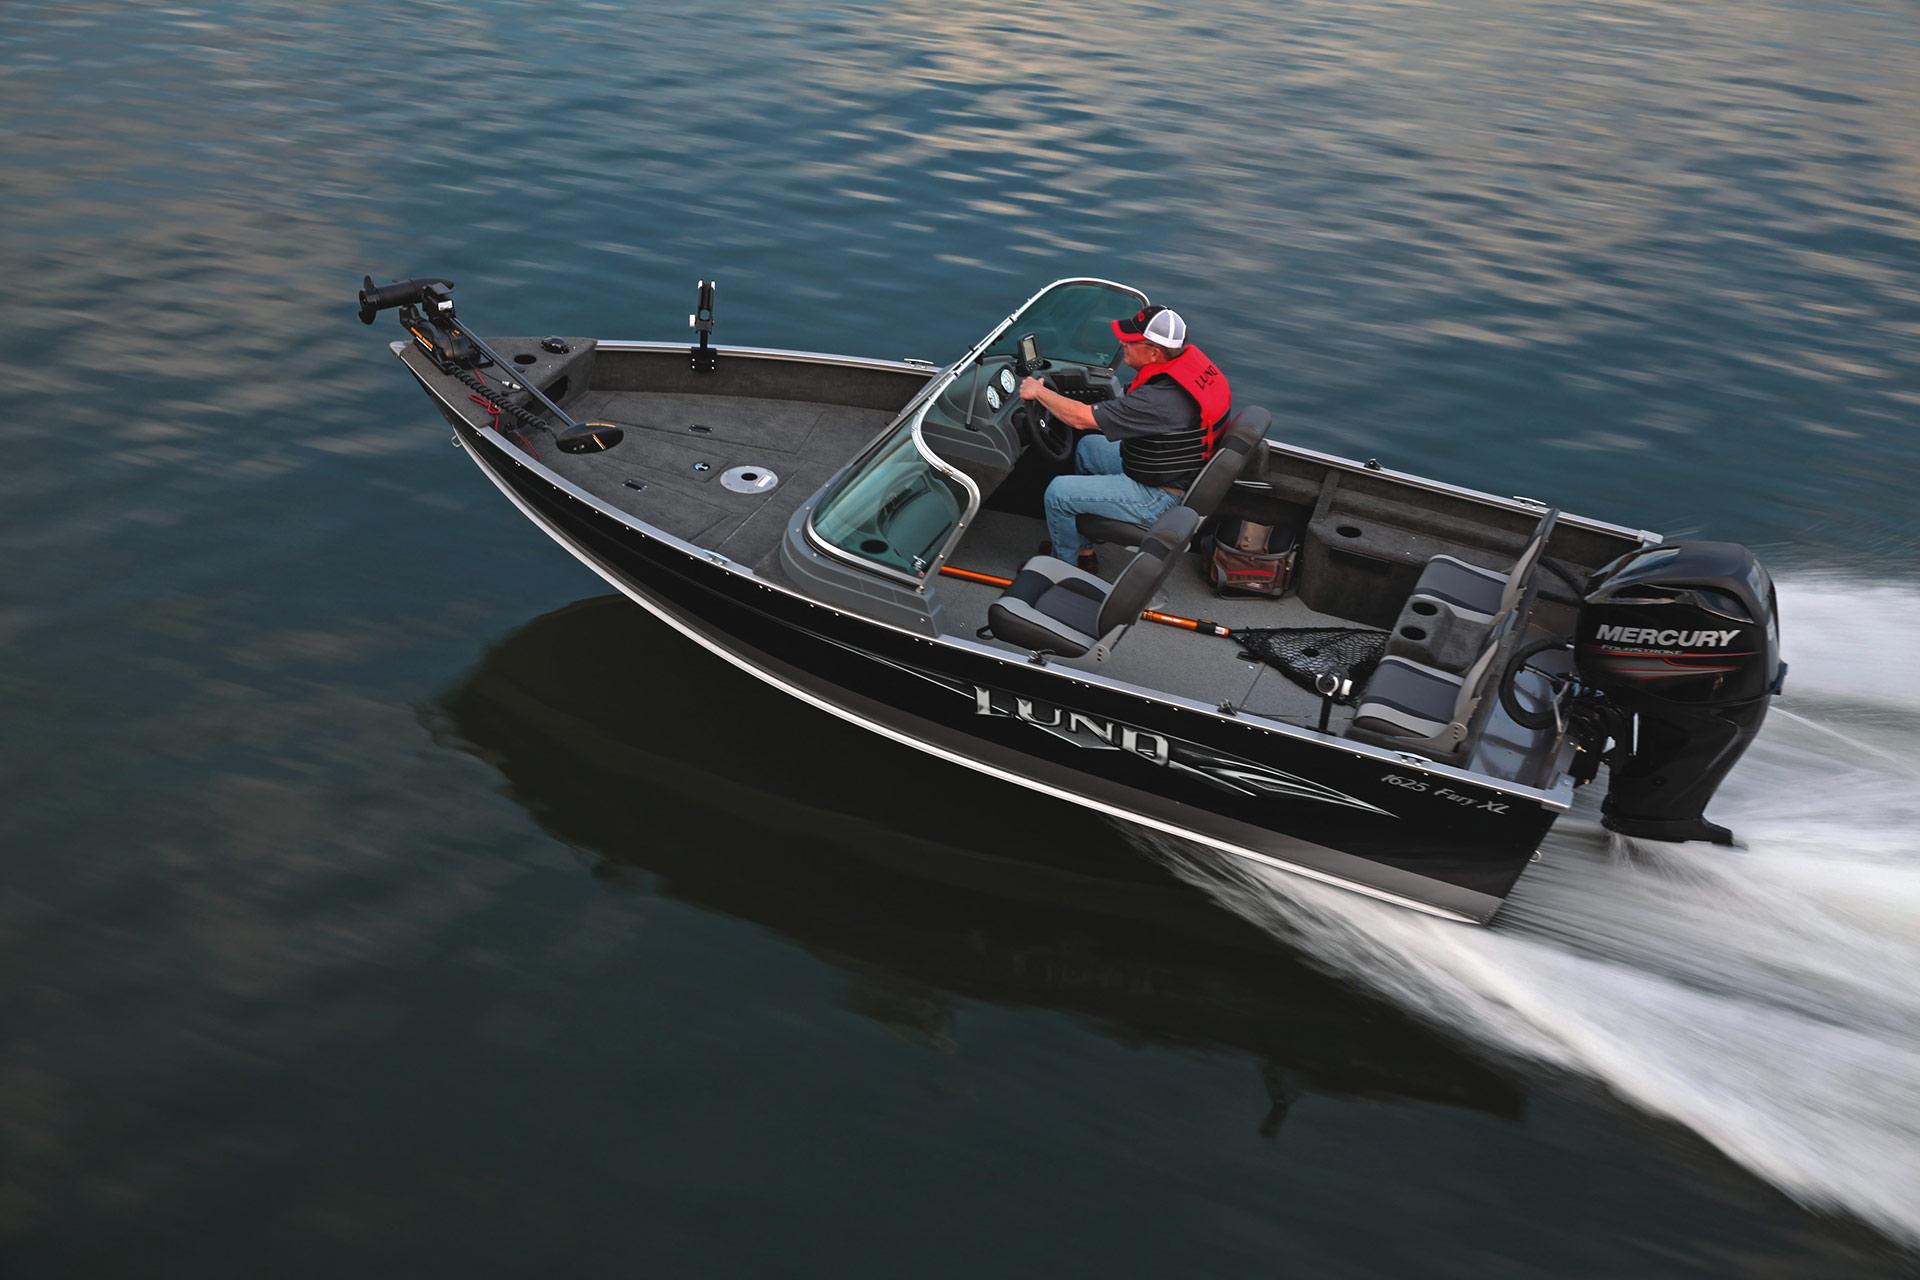 купить лодку алюминиевую бу в украине